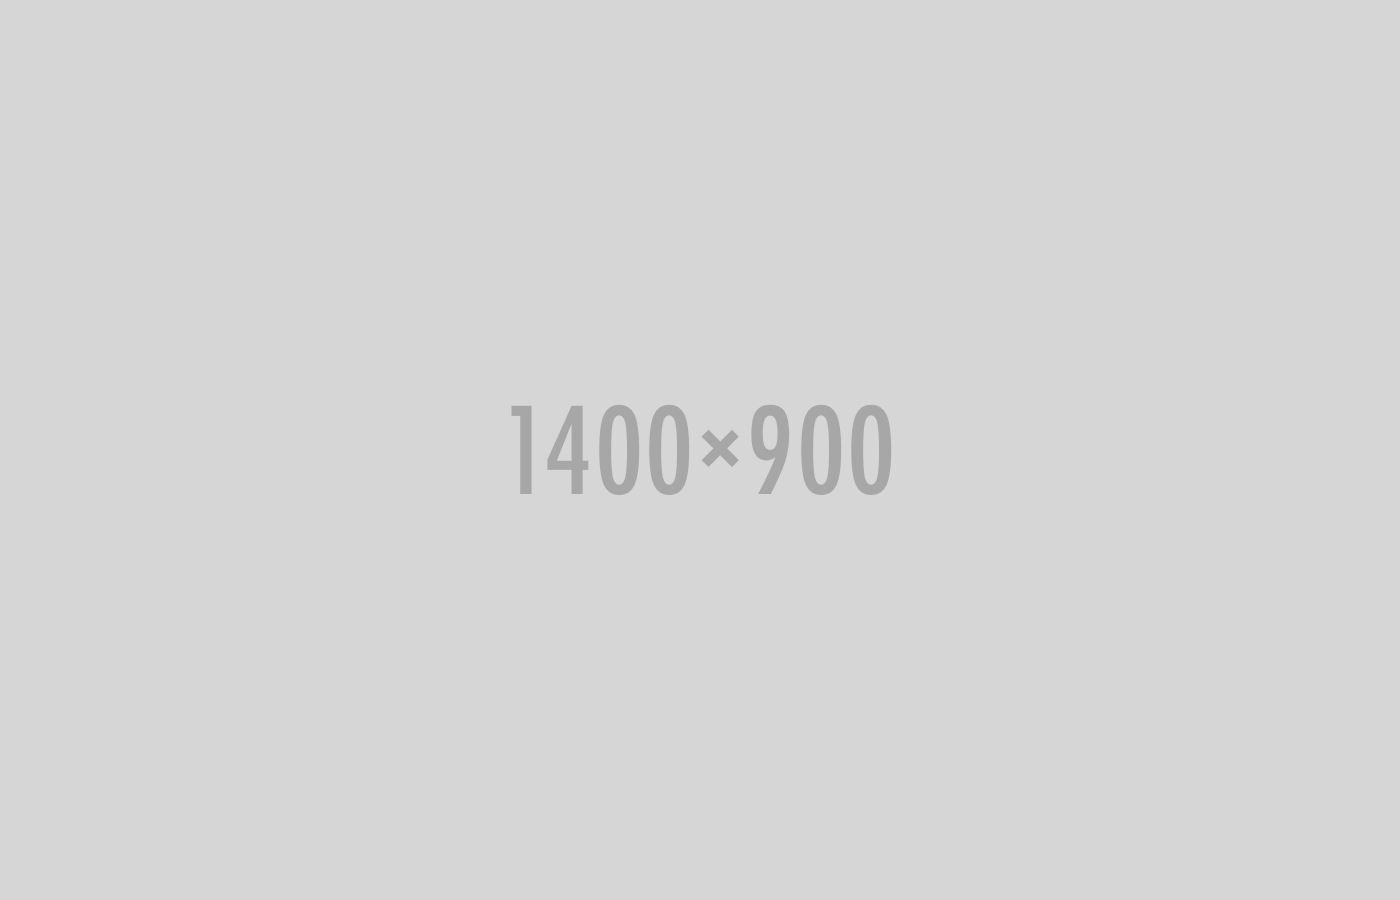 fullpage-cat03-image02